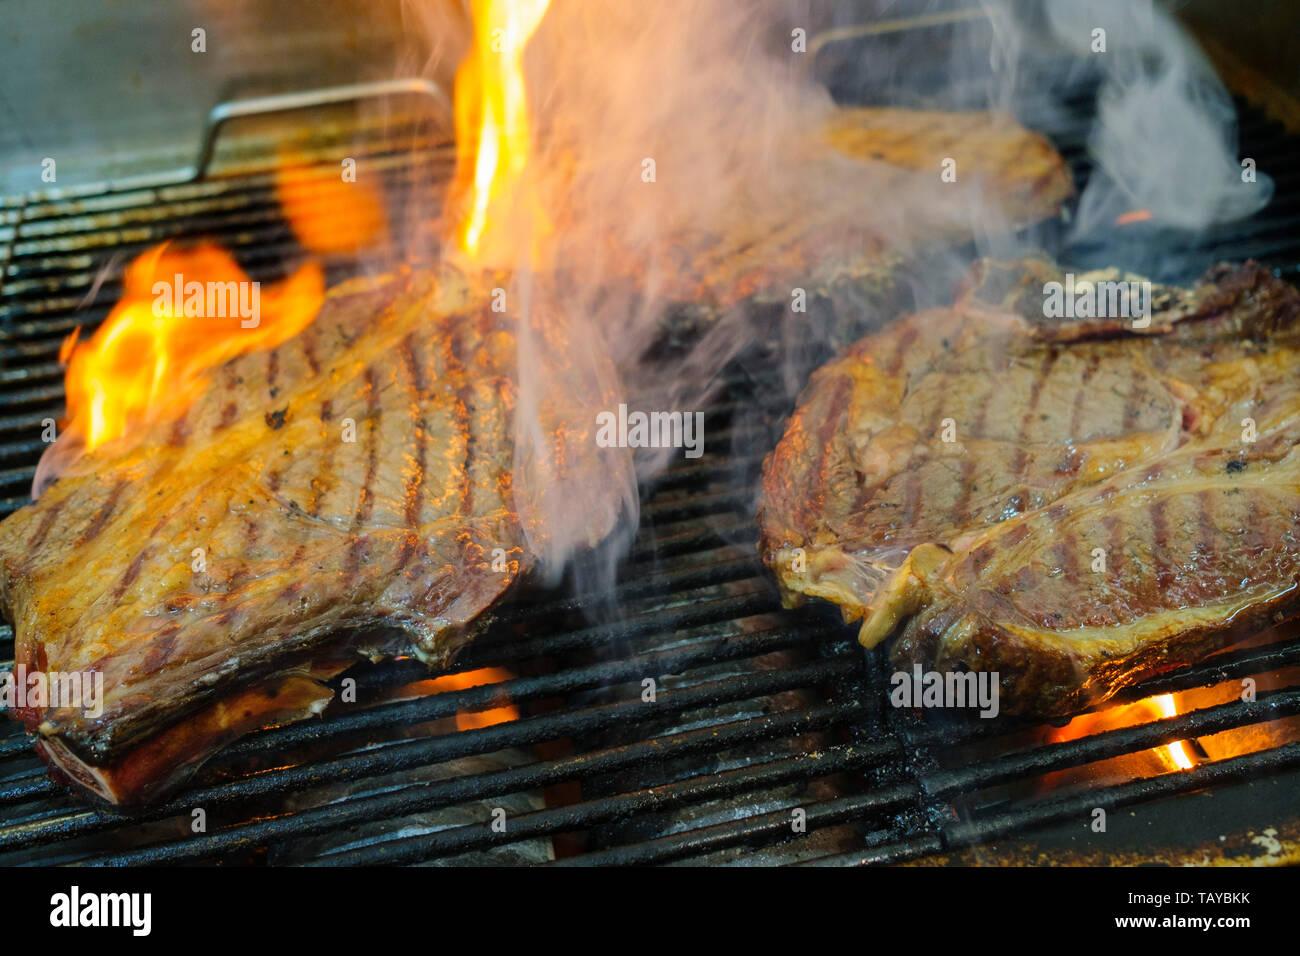 Chuletón a La Brasa, T-Bone Steak vom Grill Stockbild